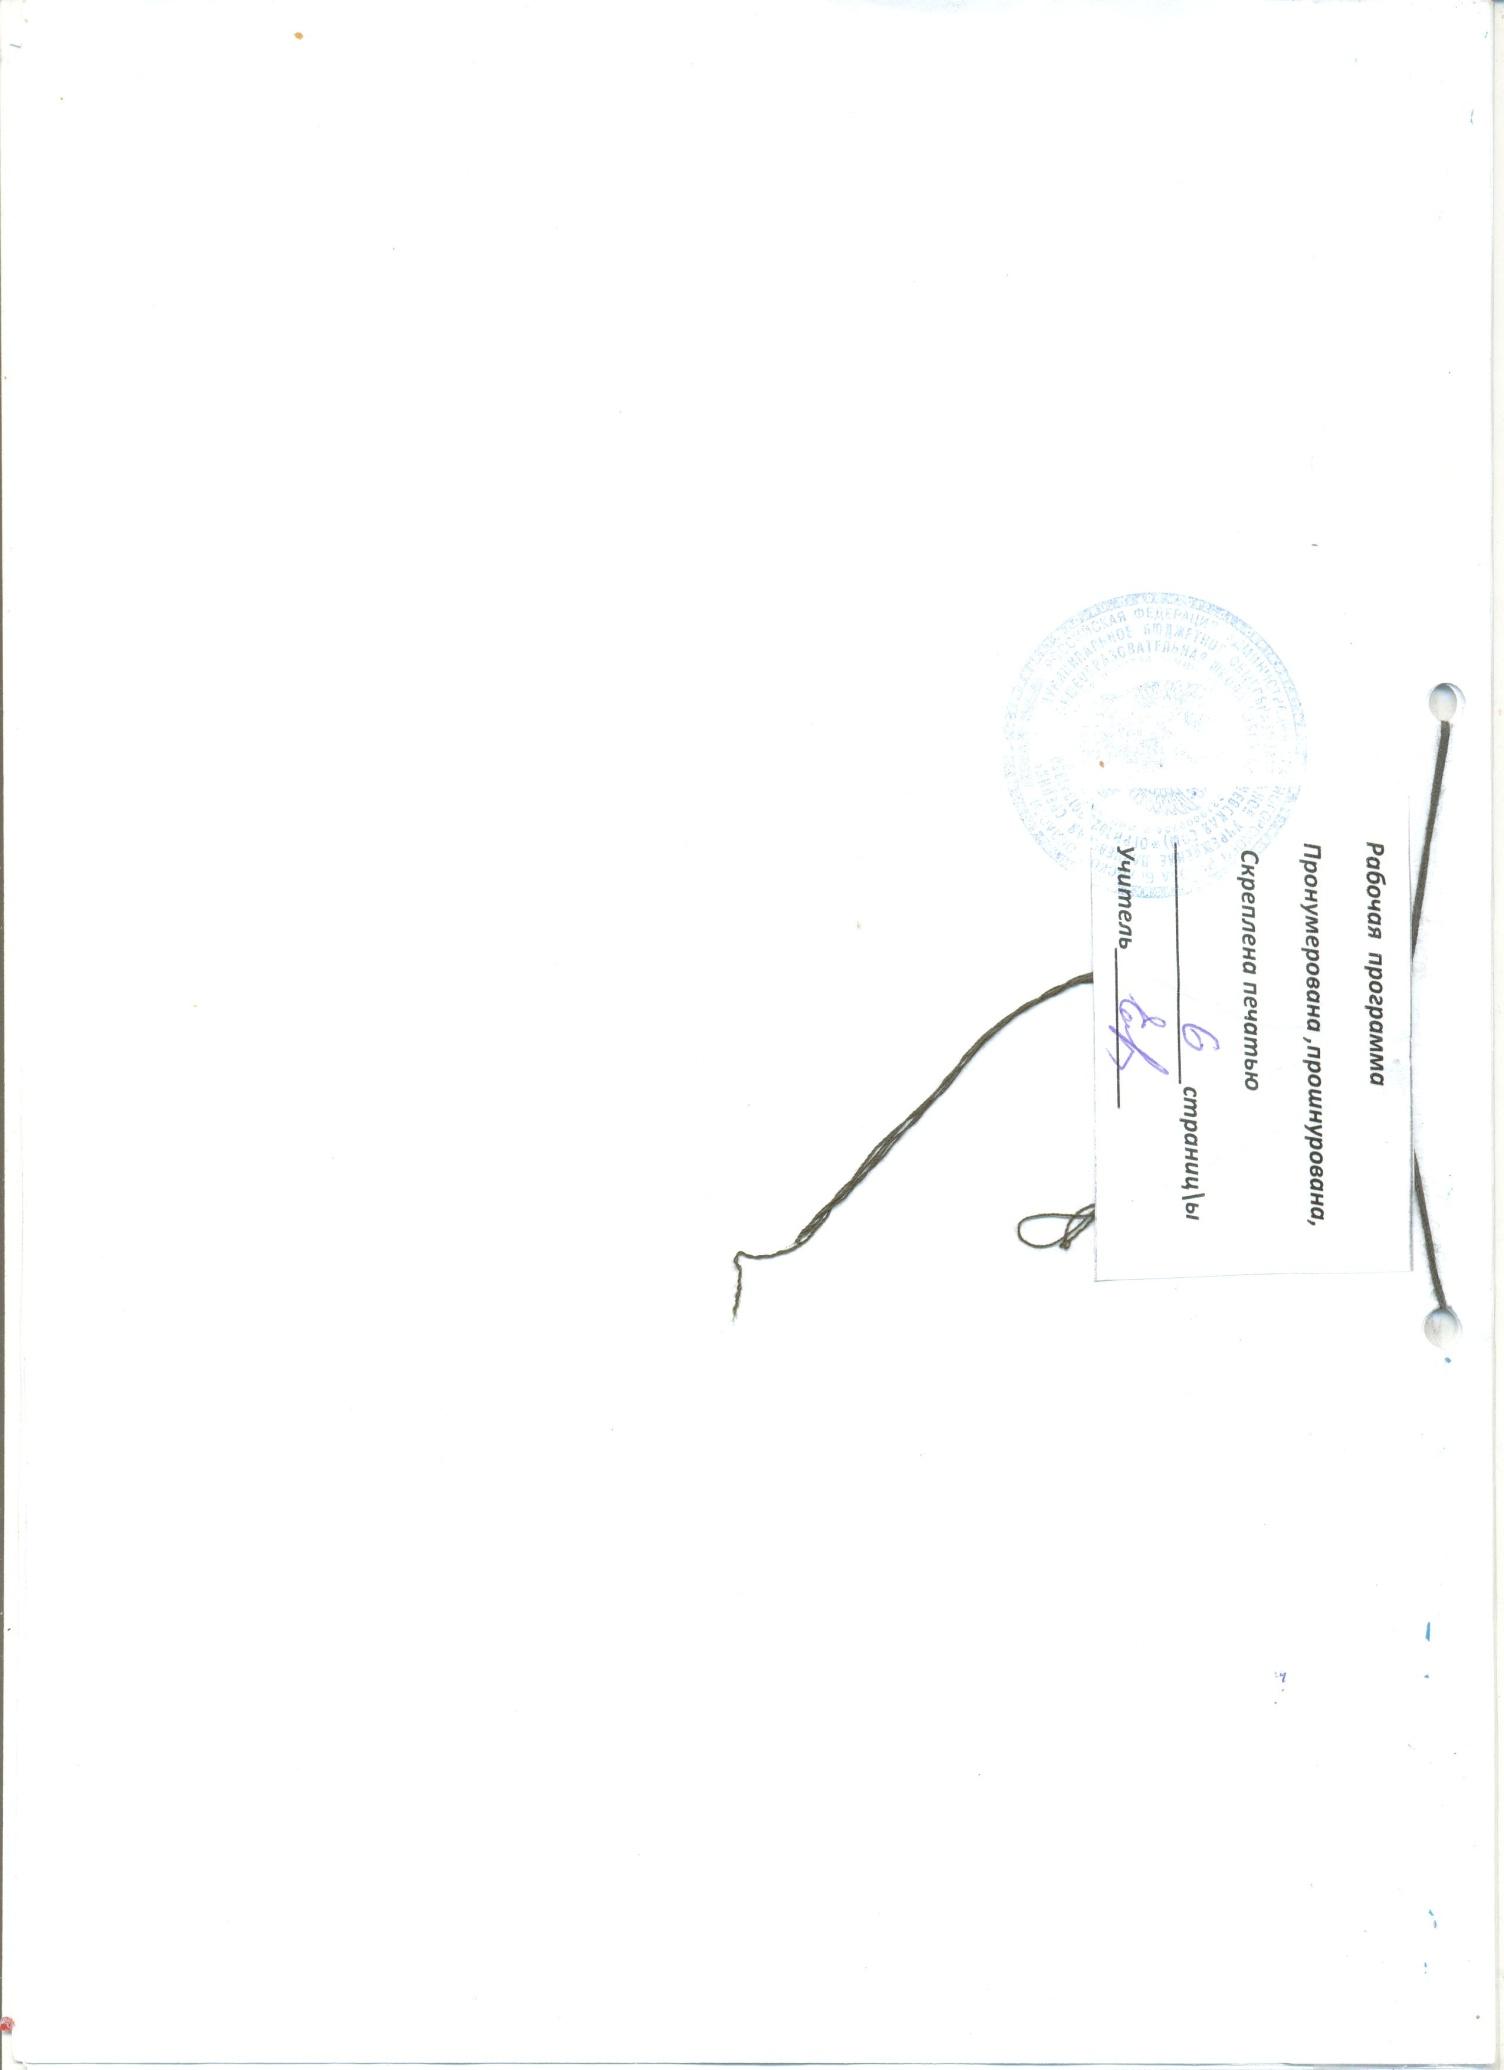 E:\ИСКЛЮЧЕНИЯ\ДОКУМЕНТЫ\планирование\2013-11-07 6 КЛАСС\6 КЛАСС 007.jpg